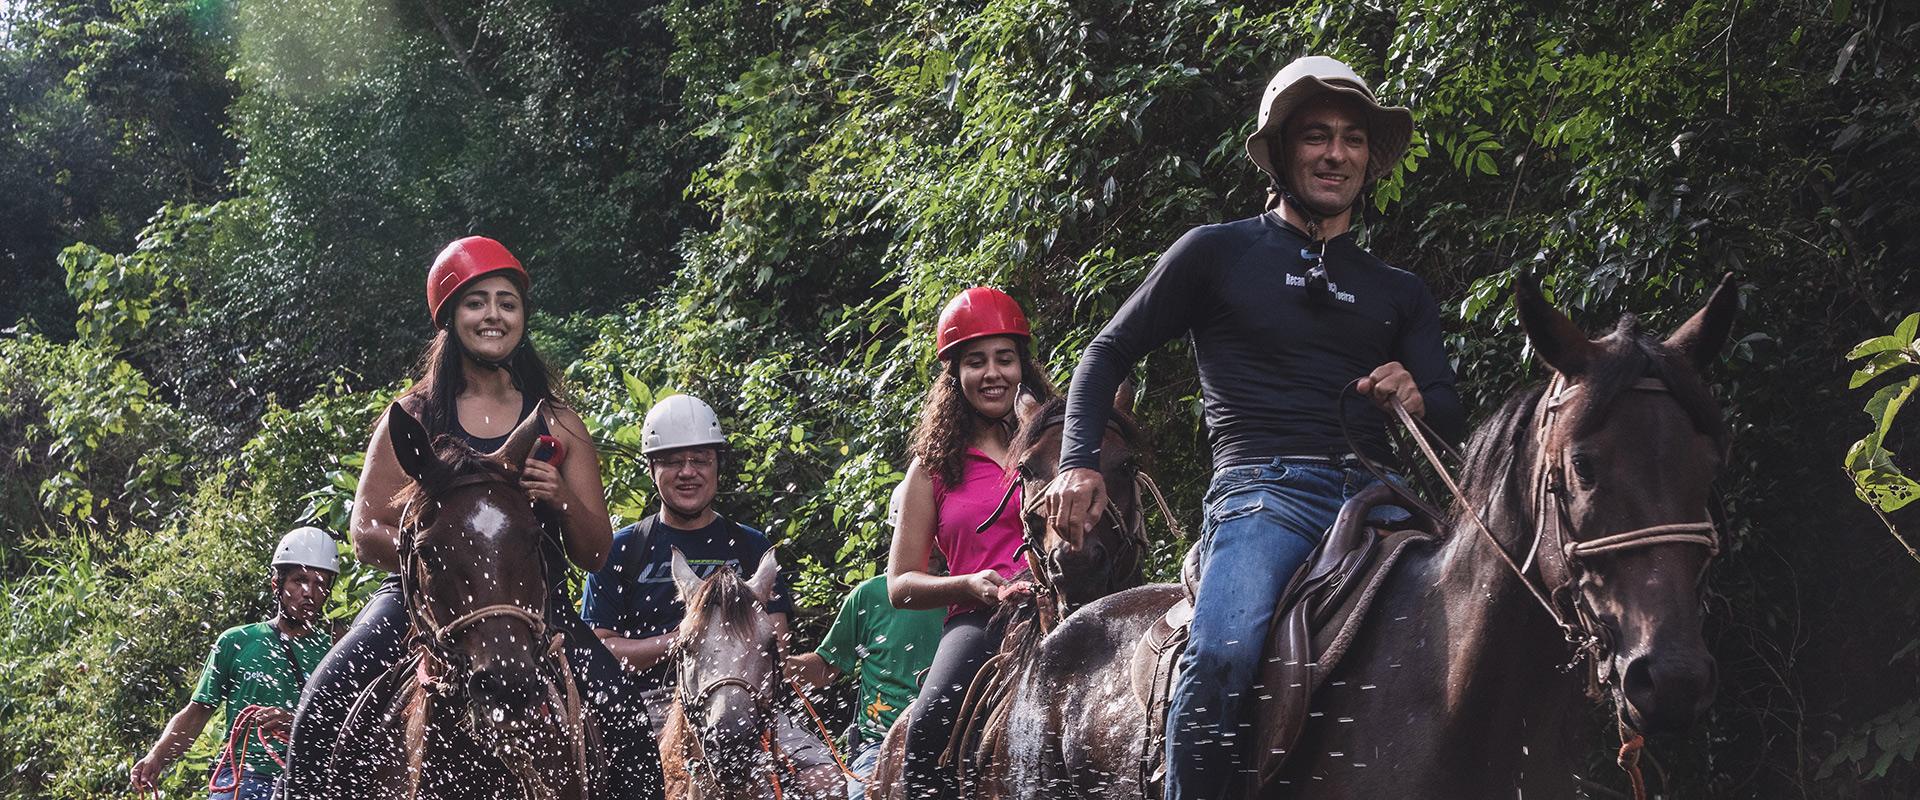 Cavalgada – Recanto das Cachoeiras